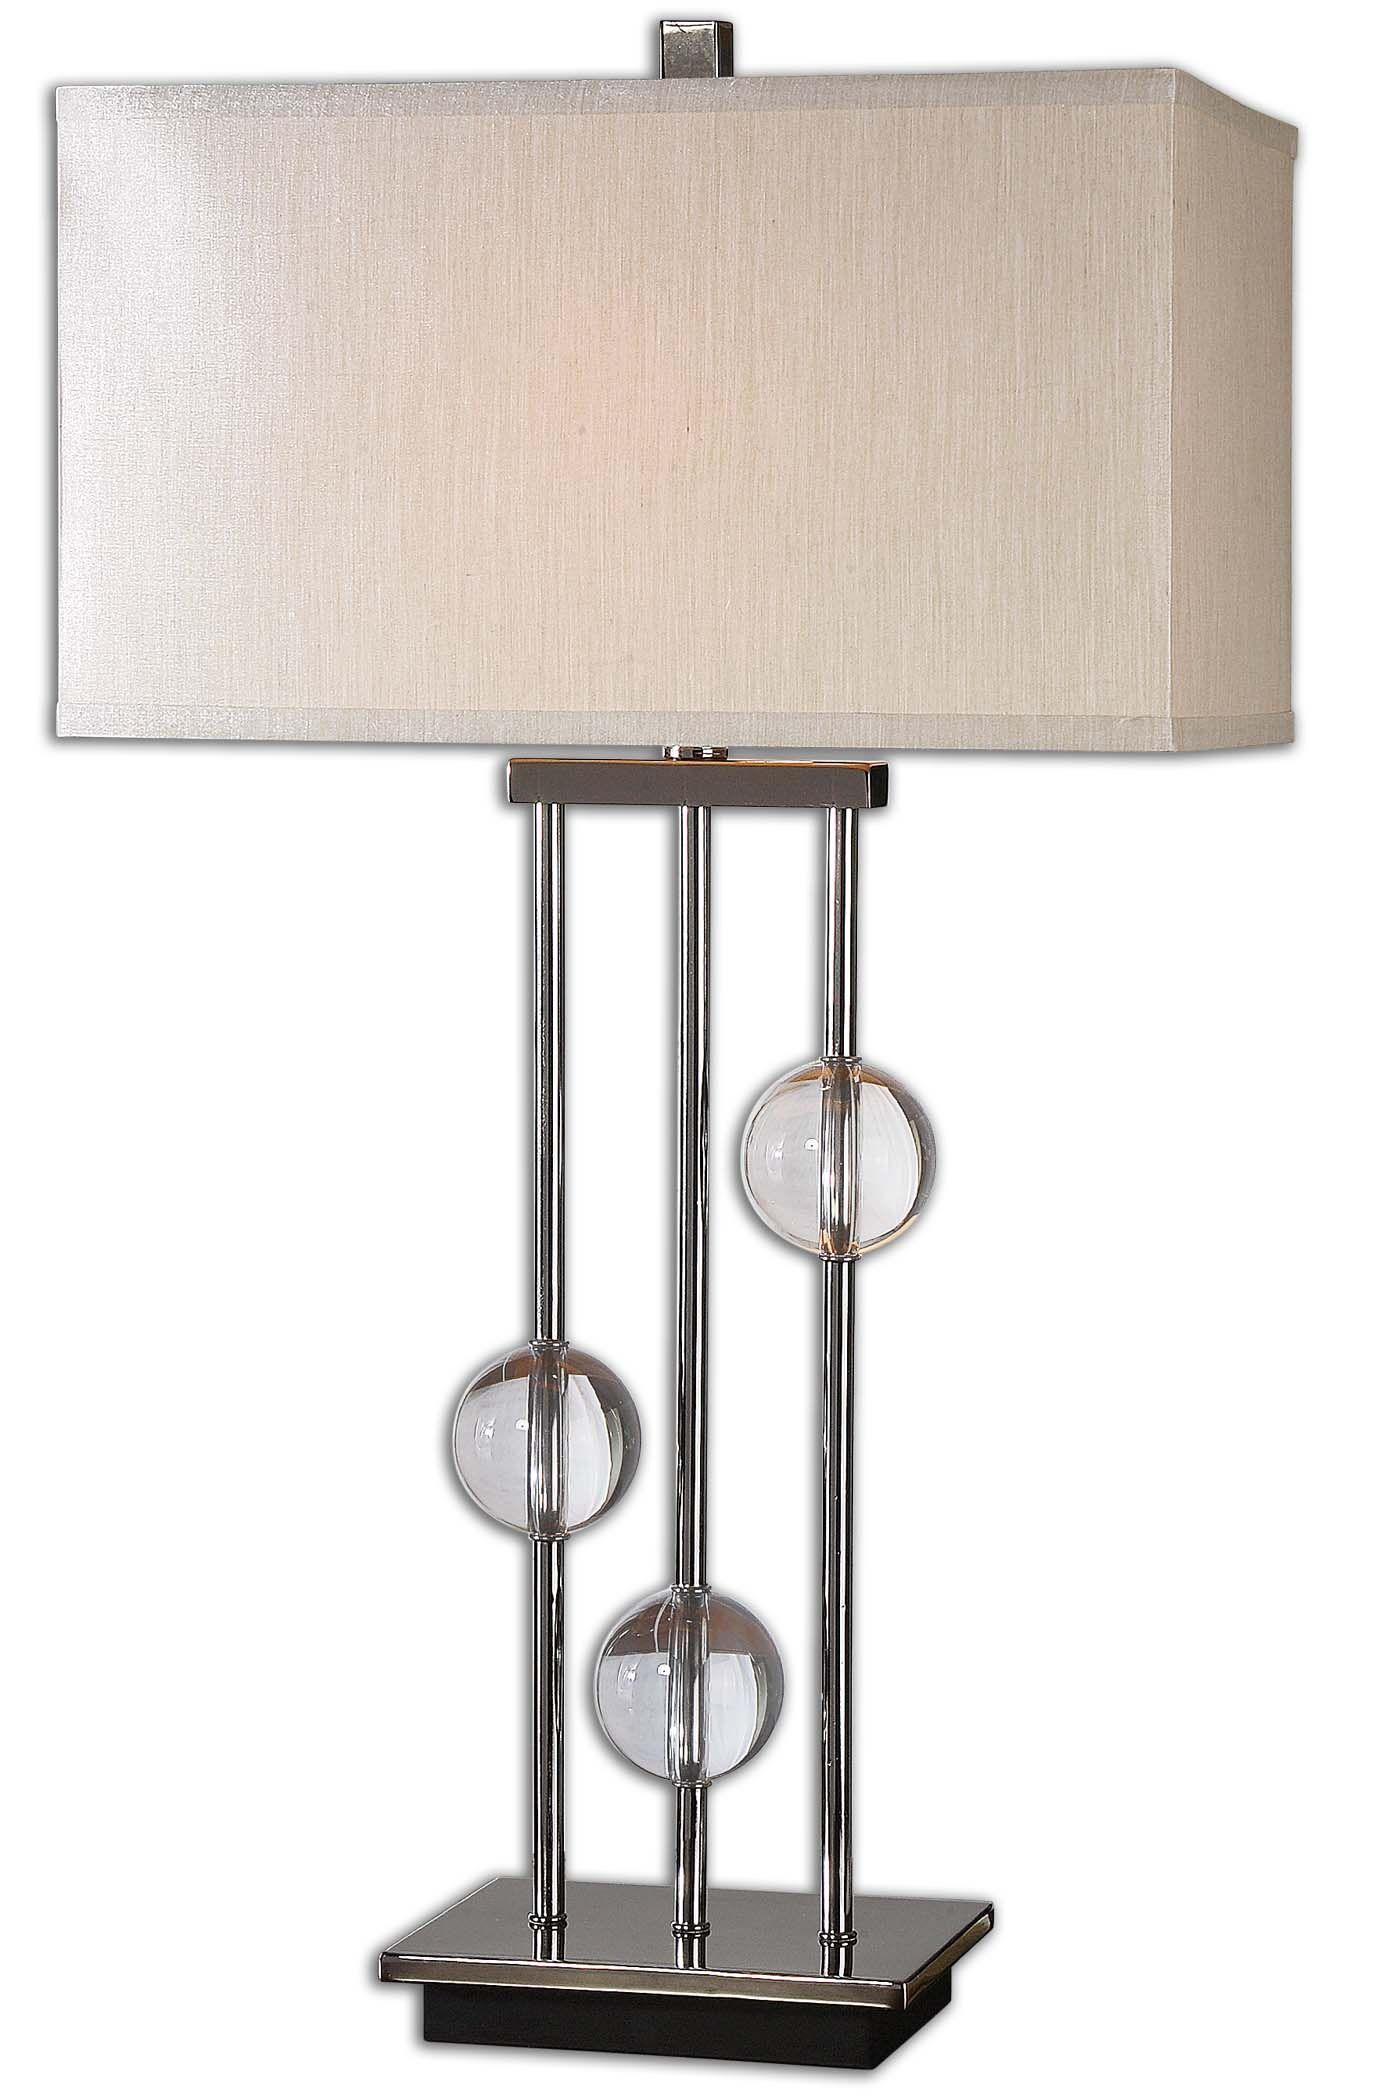 Uttermost 26280-1 Rodeshia Modern Lamp